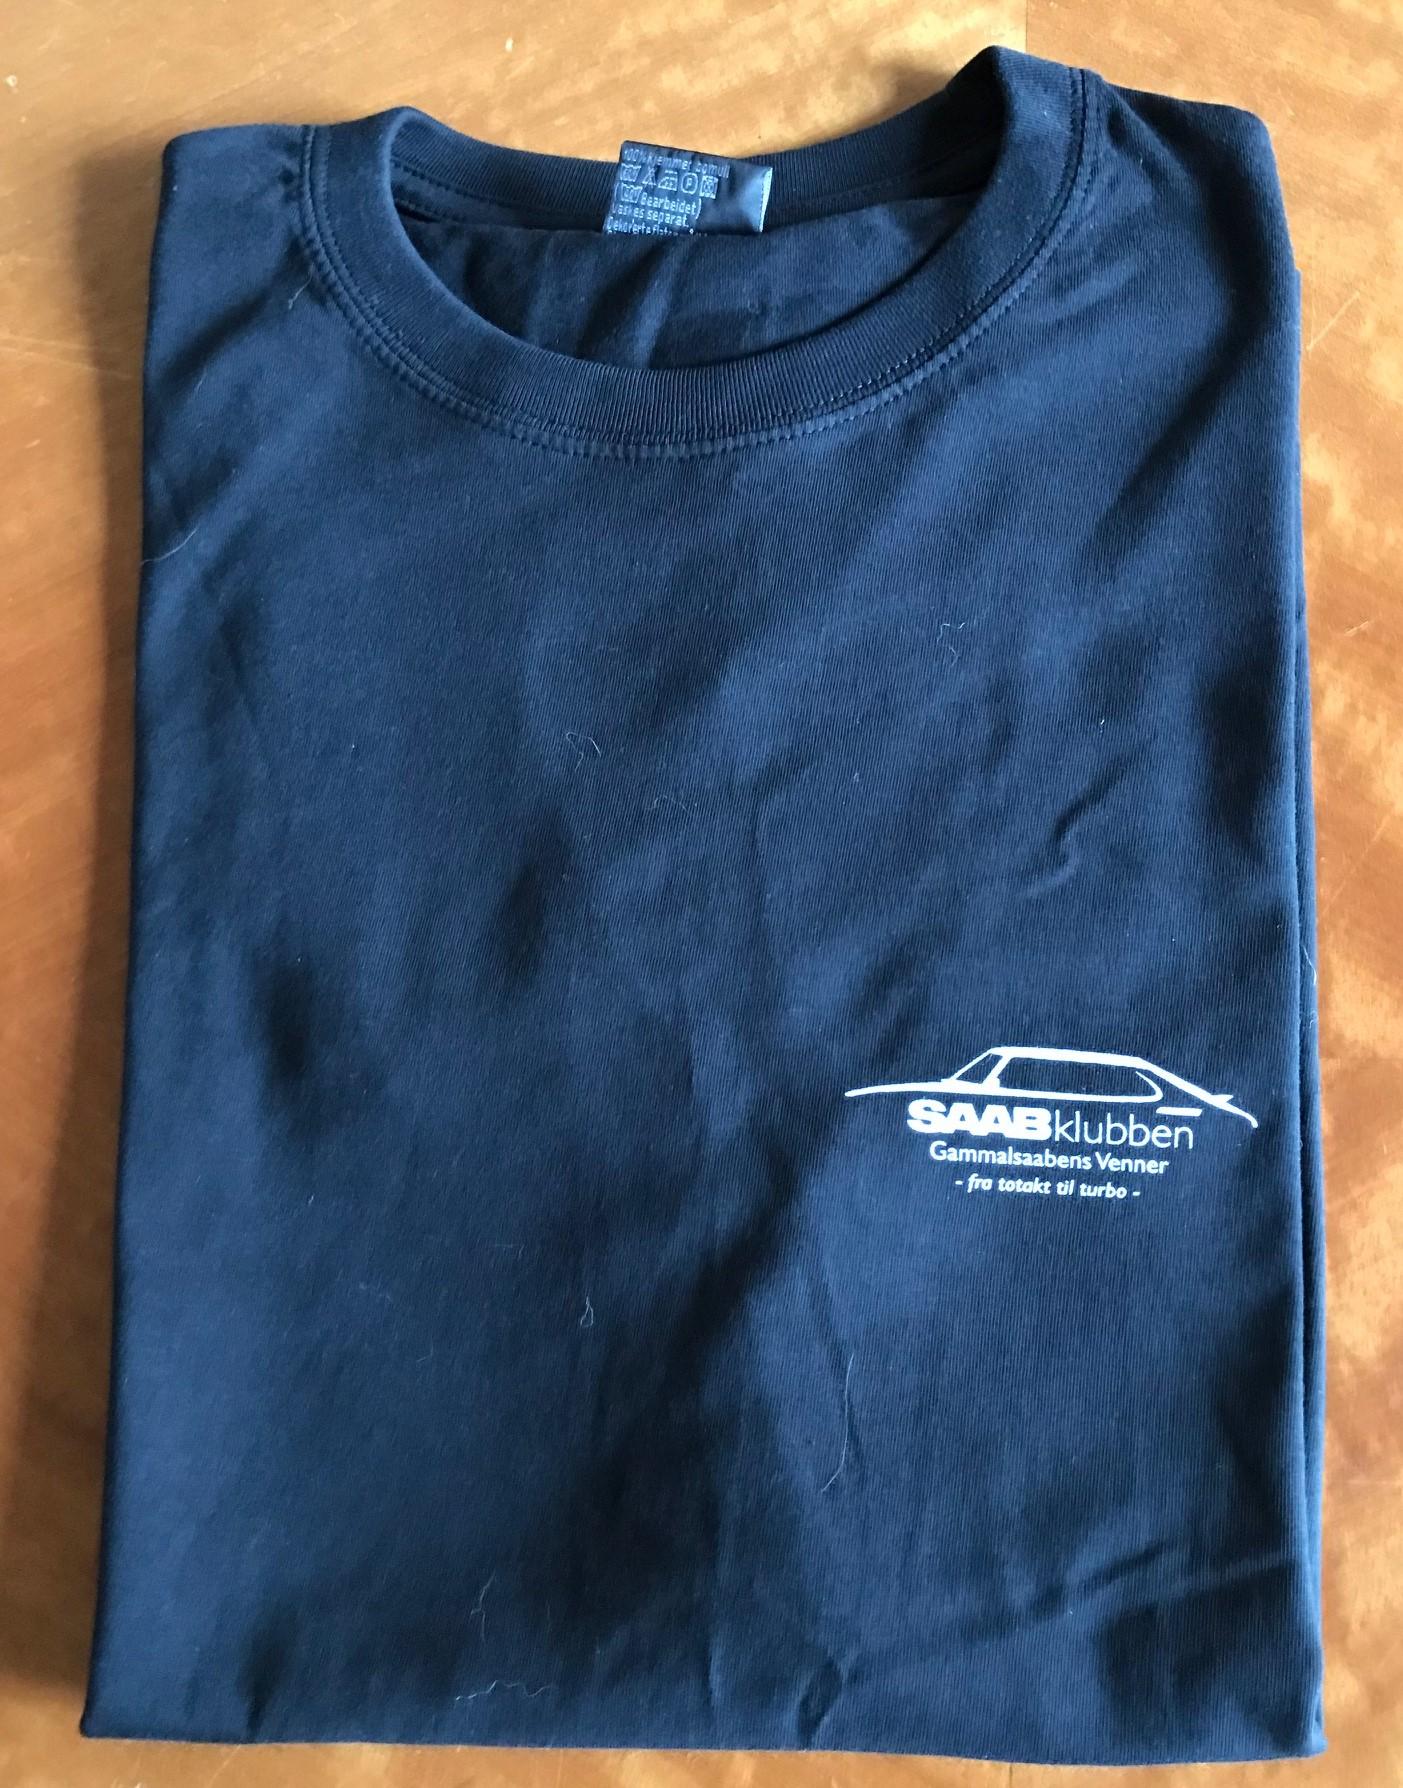 be3662e3 GSV T-skjorte sort (ny logo) - Gammalsaabens Venner